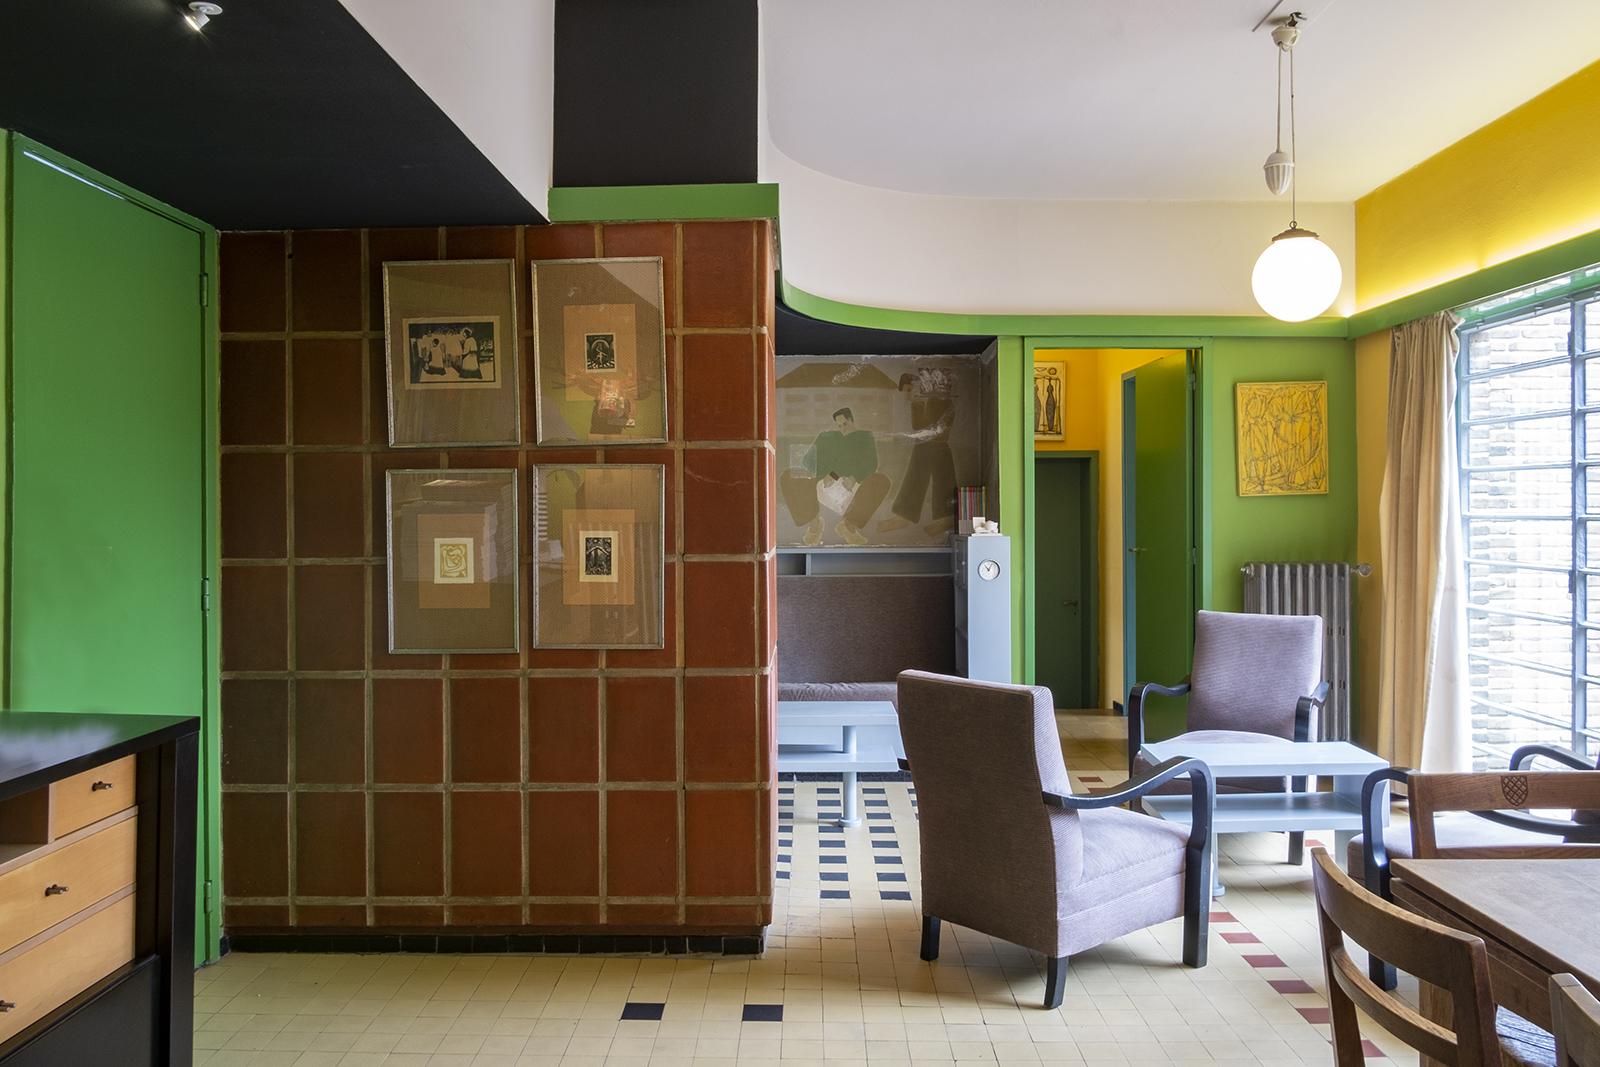 Jozef Schellekens House in Turnhout, Belgium